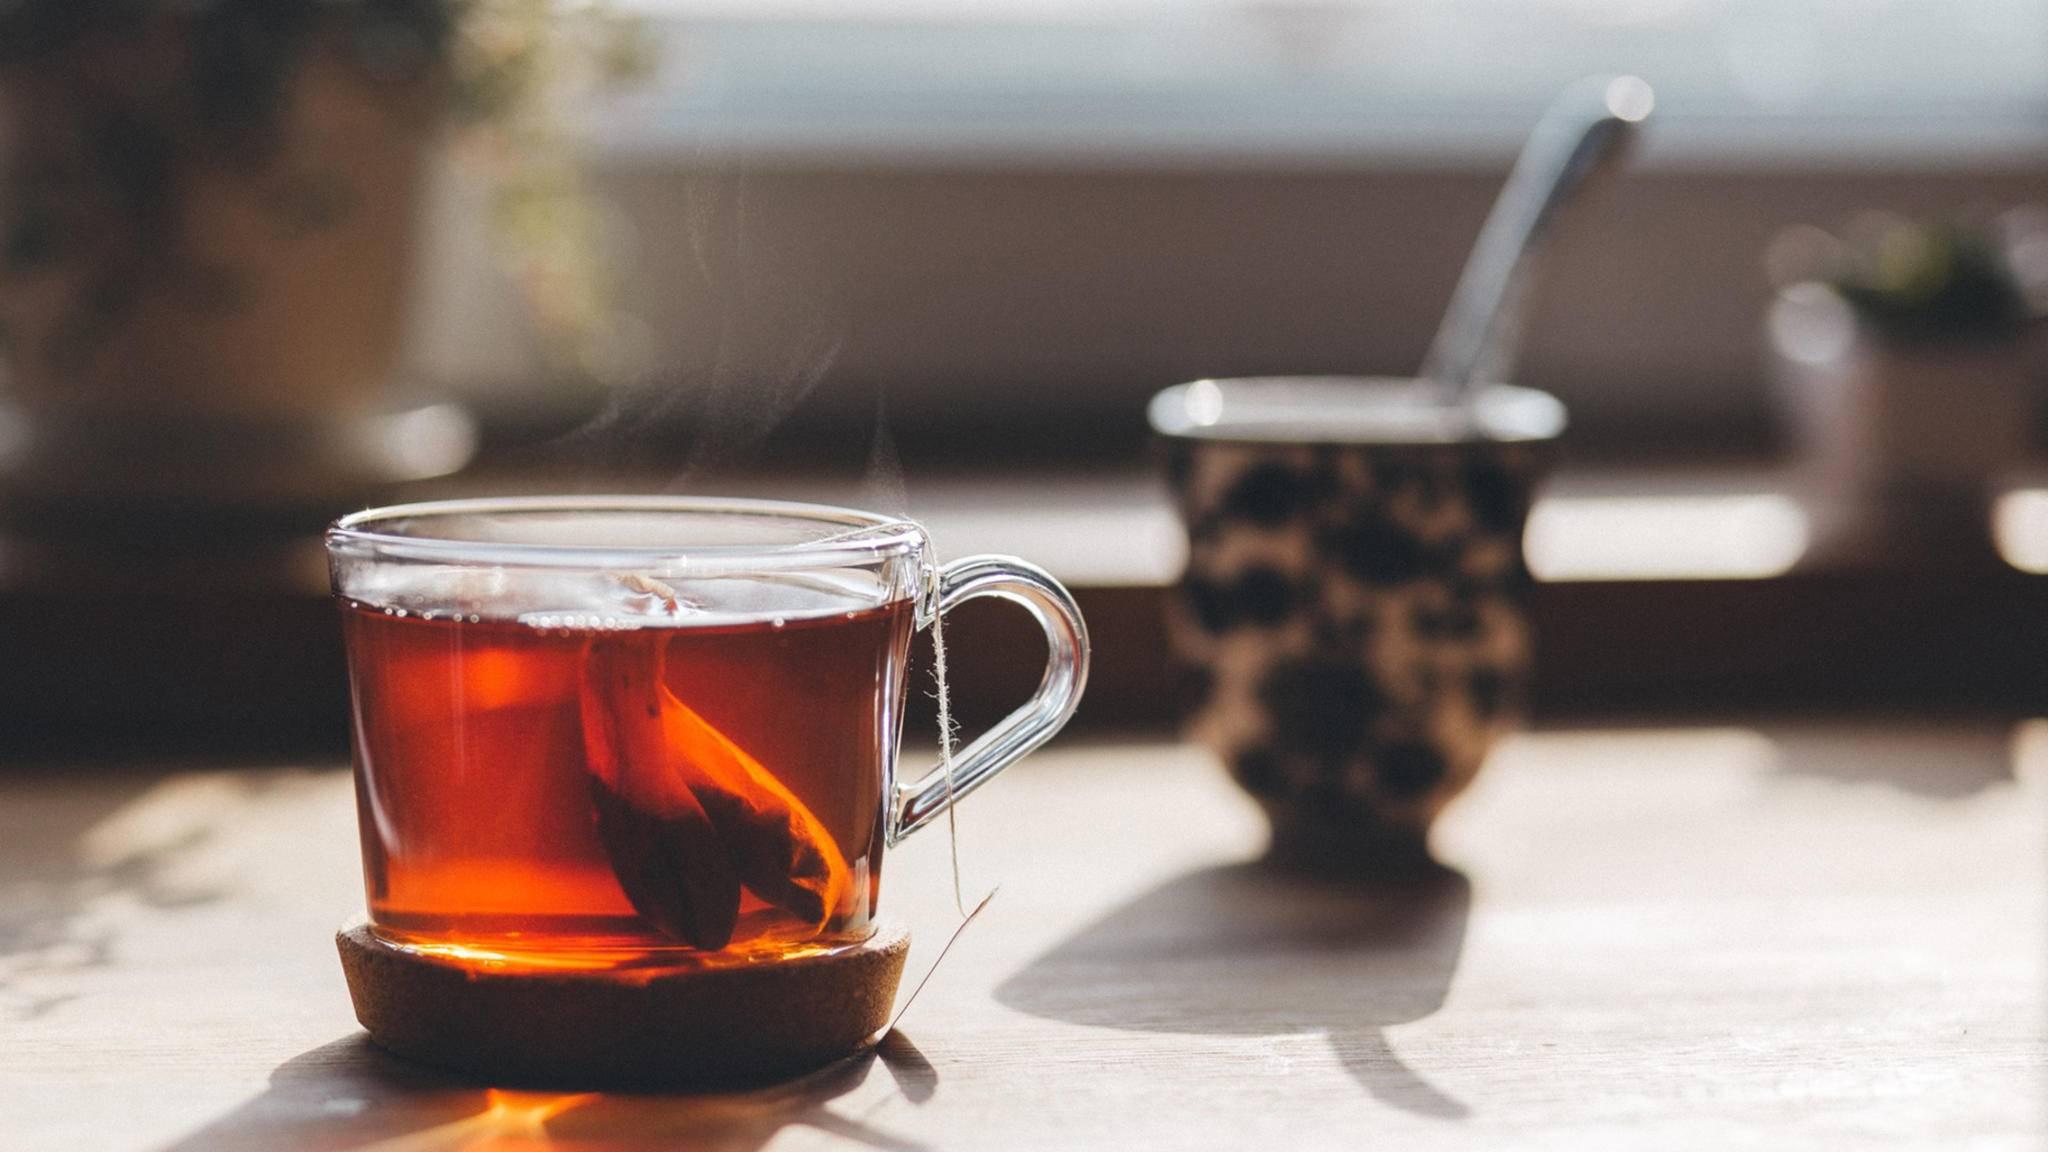 Tee ist eine Wohltat, die durch das Erwärmen in der Mikrowelle noch verbessert werden kann.